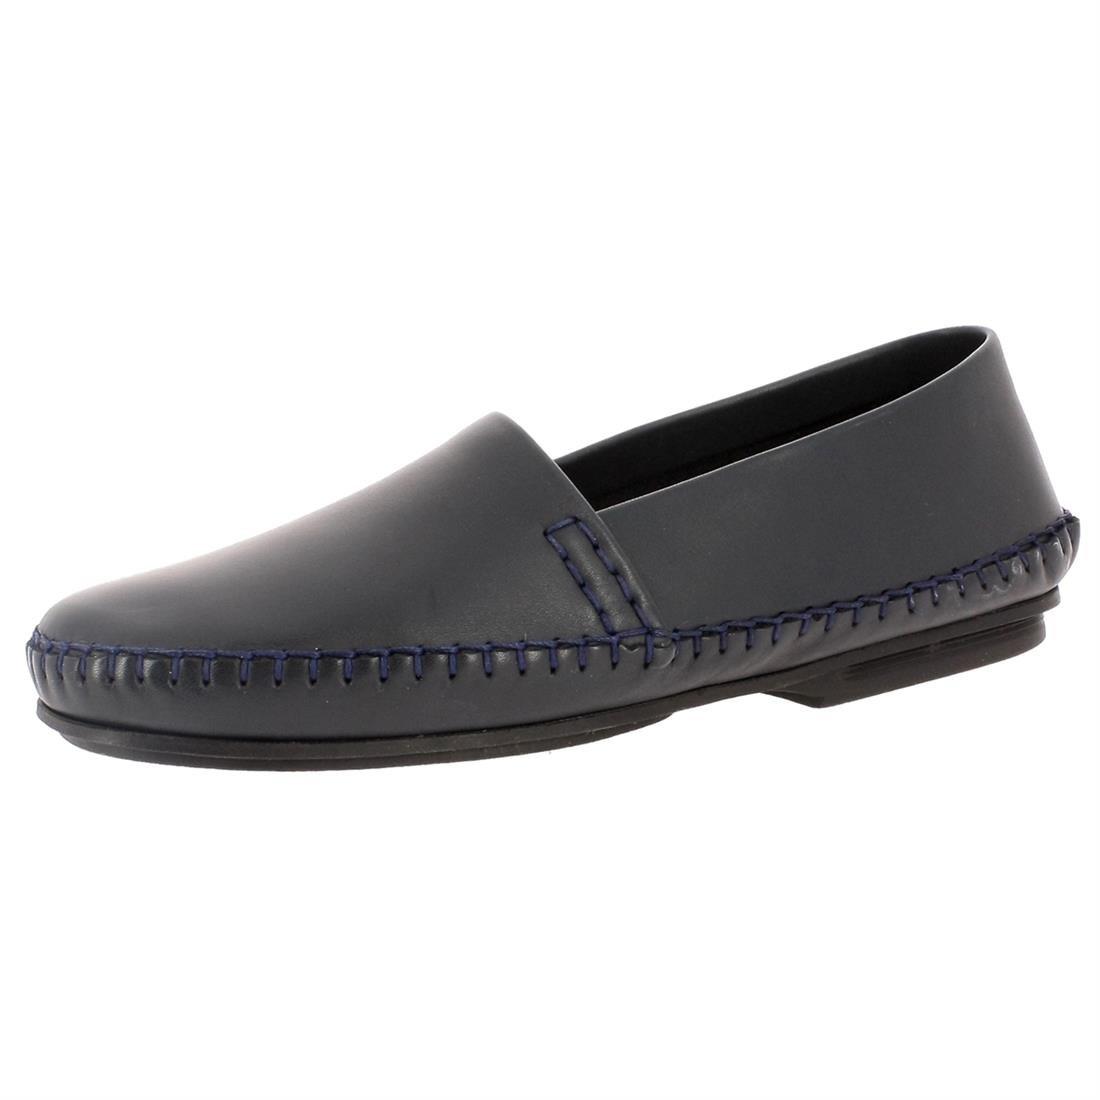 Himalaya Mocasines Para Hombre, Azul (Azul), 44 EU: Amazon.es: Zapatos y complementos